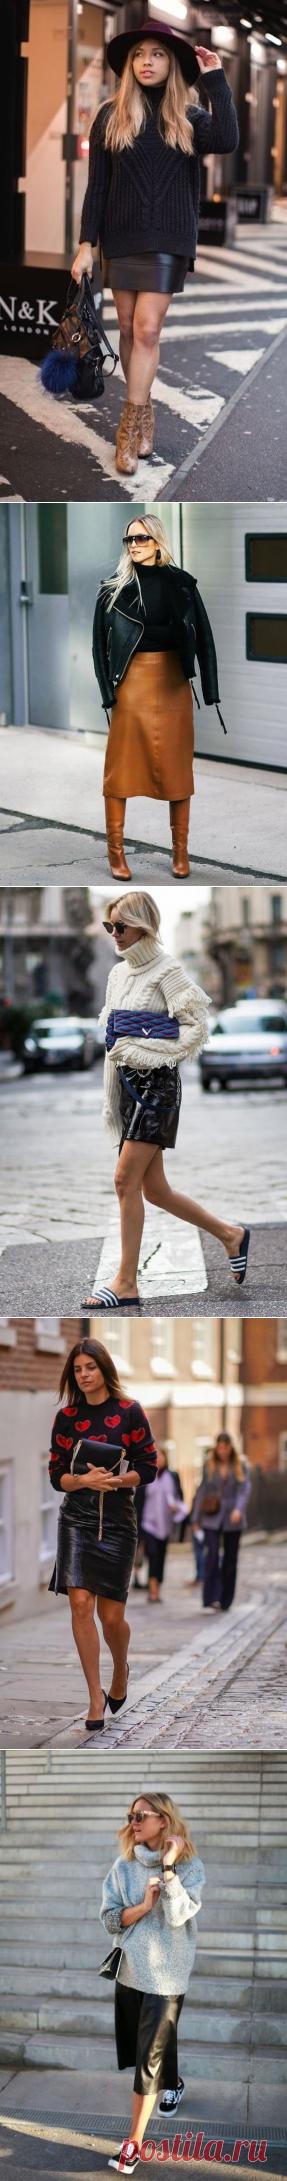 Стильные кожаные юбочки — Модно / Nemodno